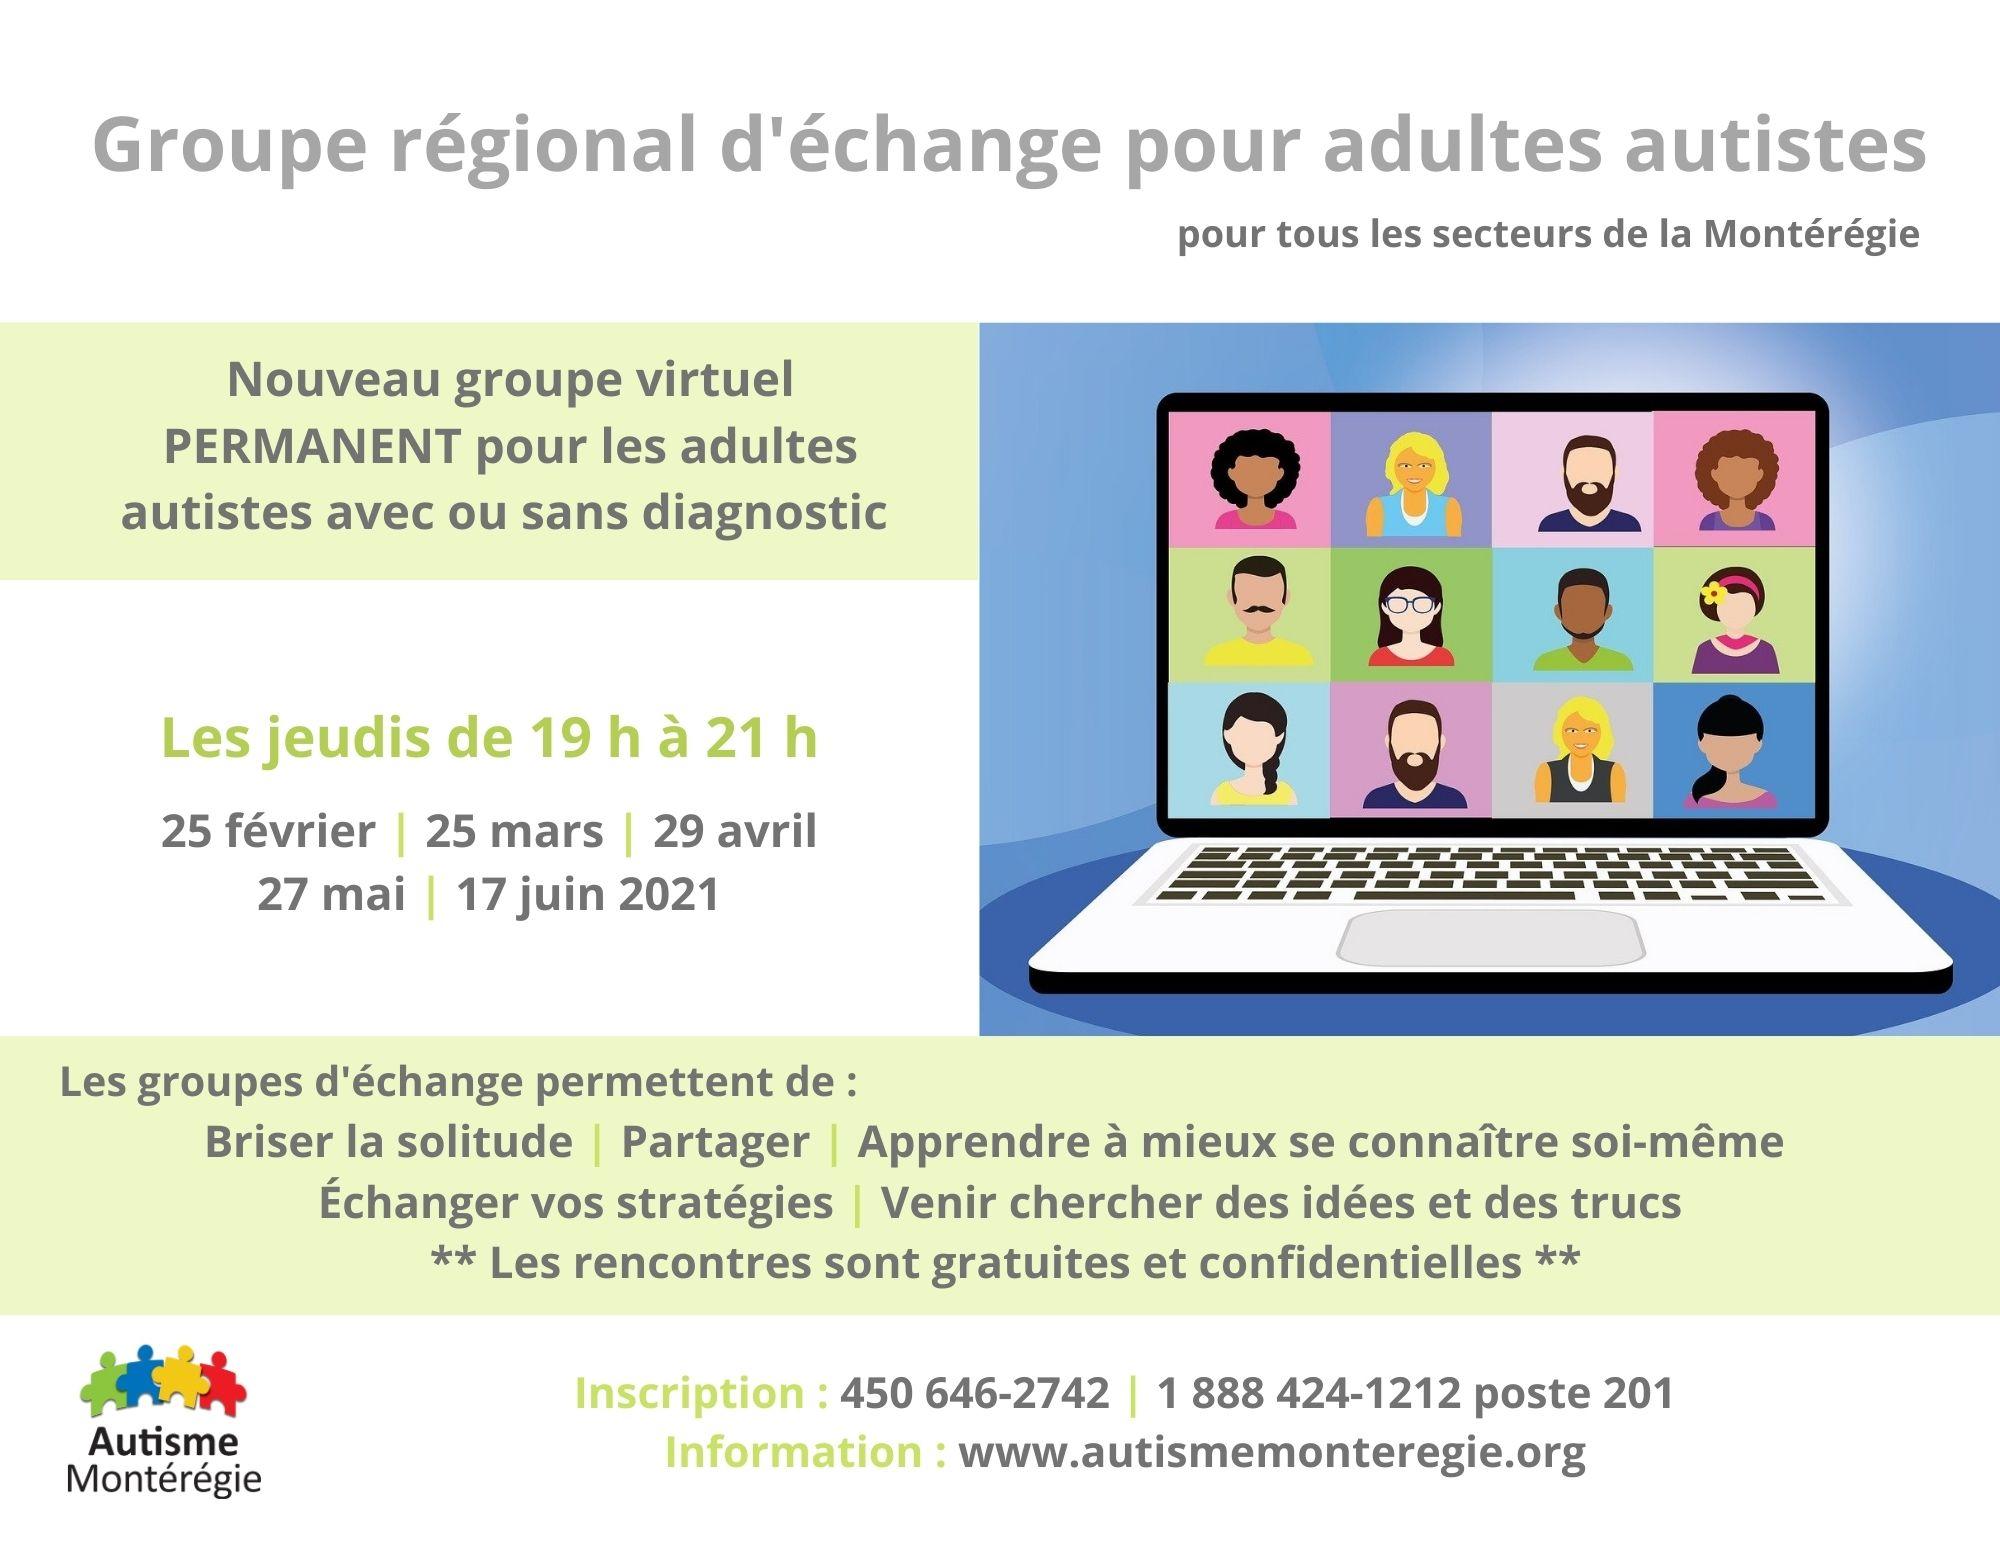 Autisme Montérégie propose un NOUVEAU groupe VIRTUEL PERMANENT pour les adules autistes de la Montérégie, avec ou sans diagnostic